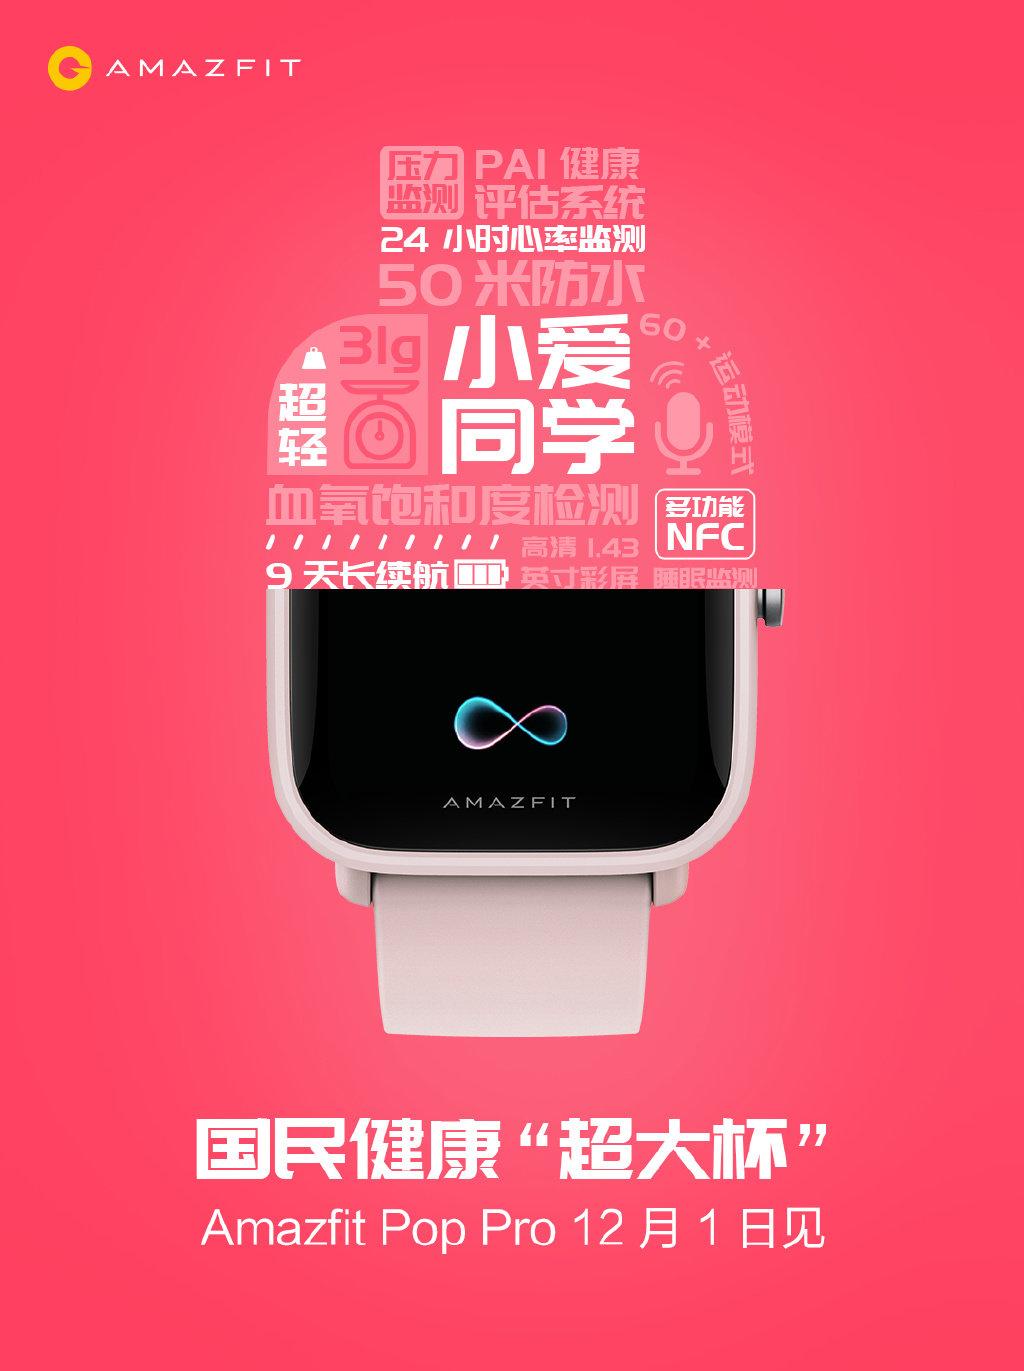 智能手表也有「超大杯」:华米 Amazfit Pop Pro 预热 - 热点资讯 家电百科 第1张